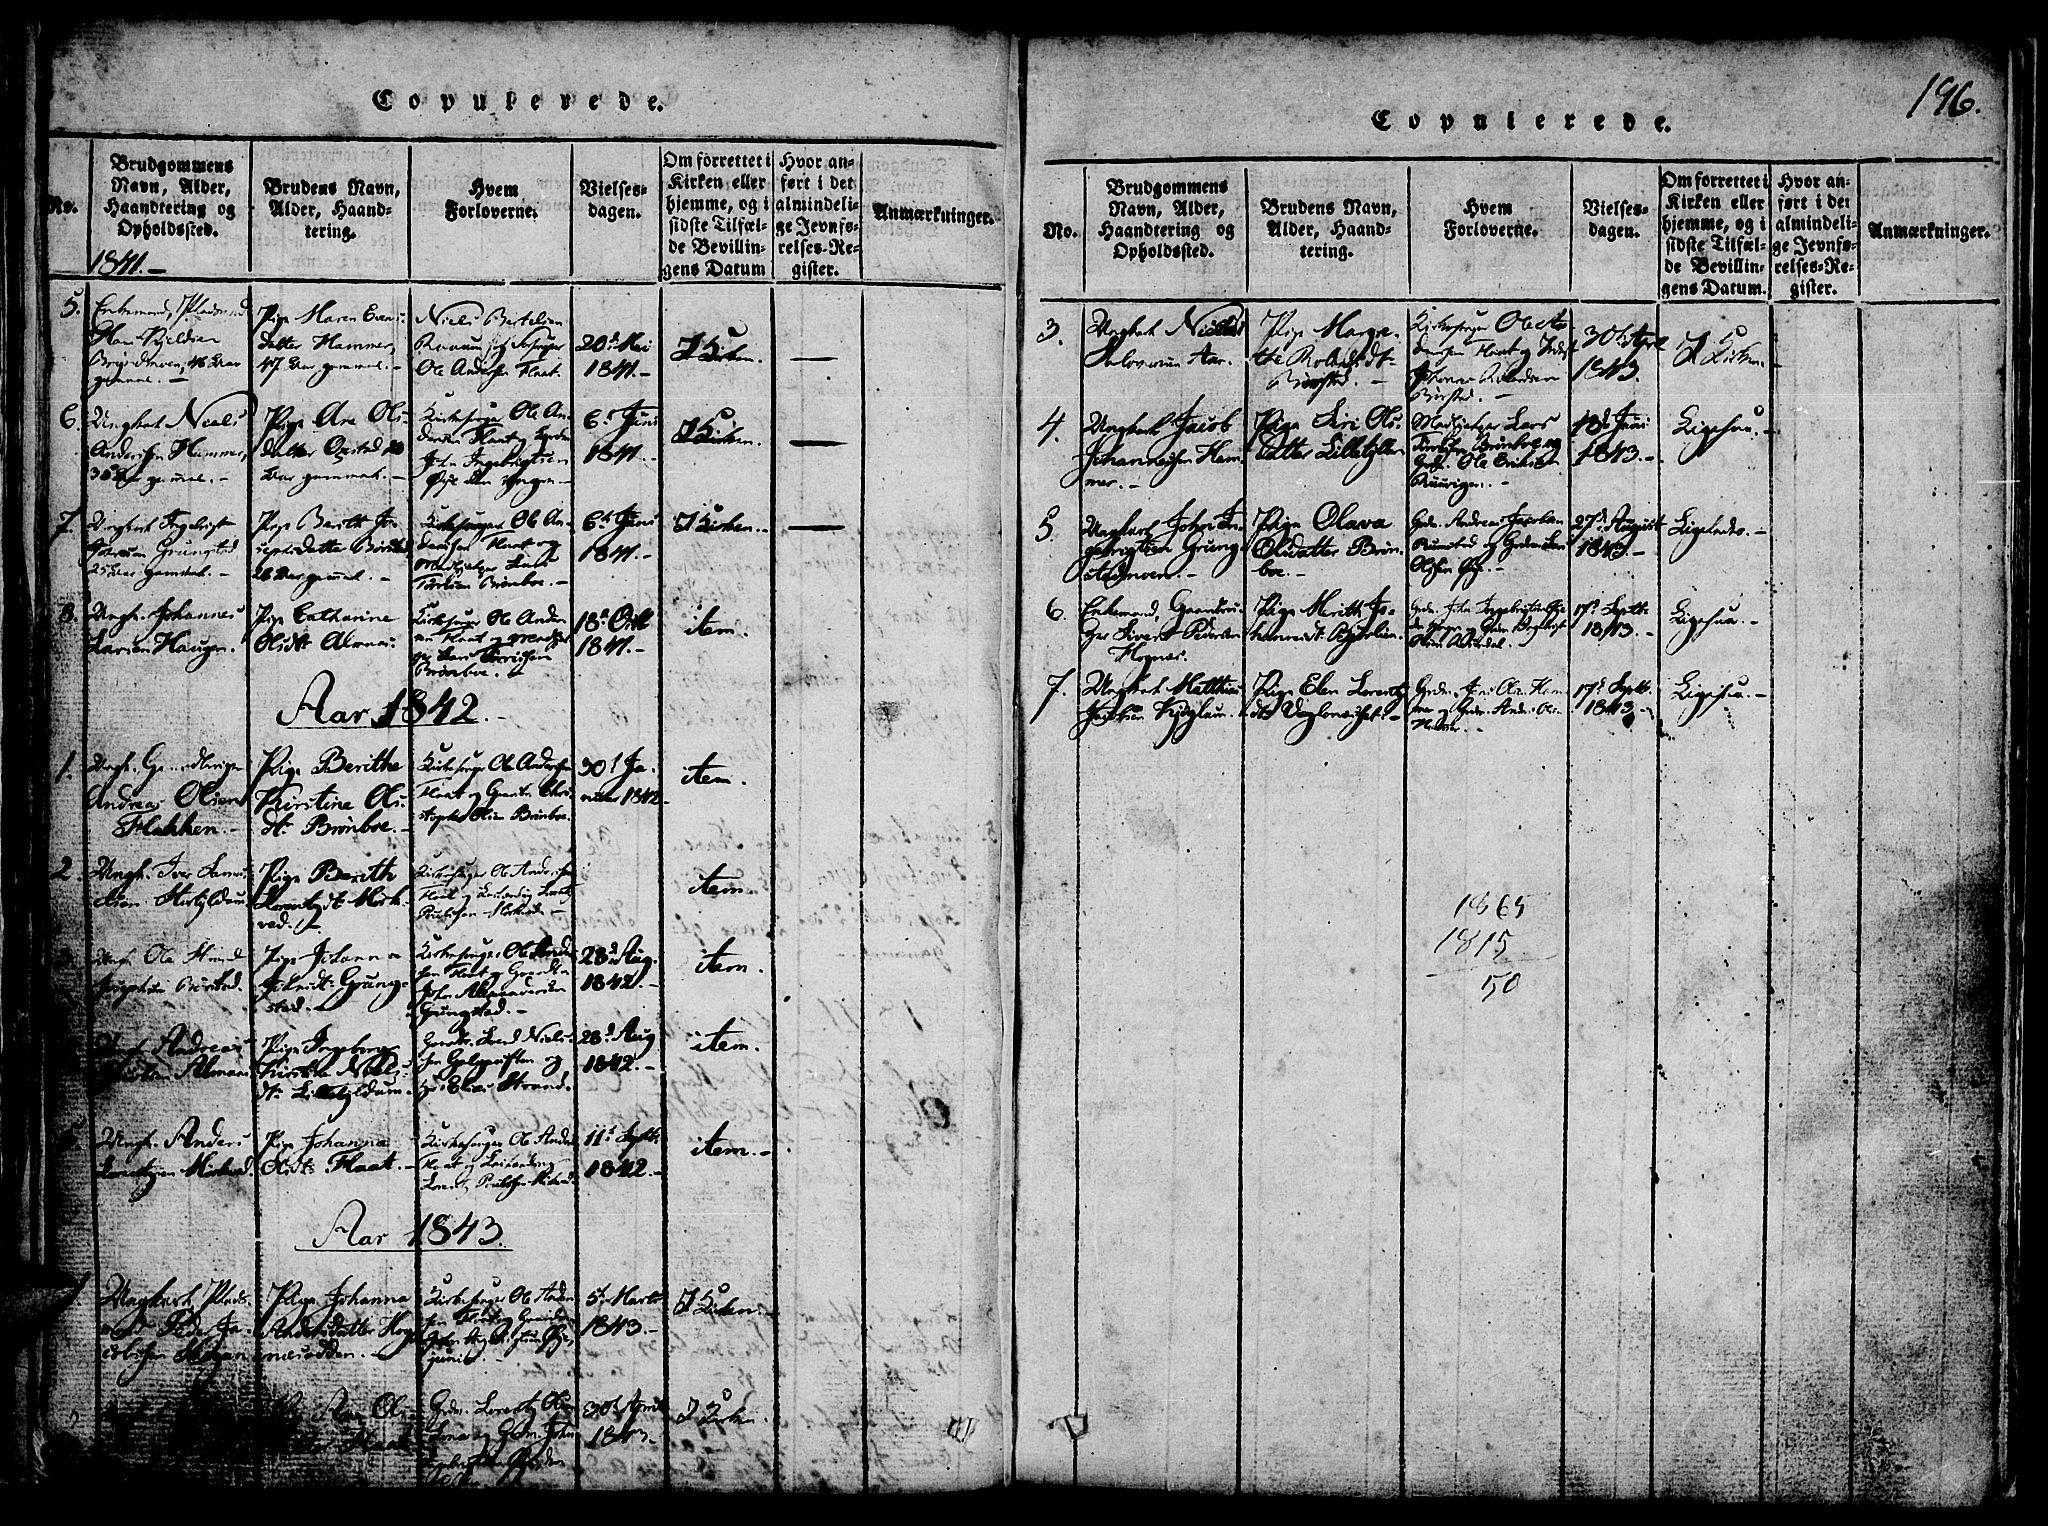 SAT, Ministerialprotokoller, klokkerbøker og fødselsregistre - Nord-Trøndelag, 765/L0562: Klokkerbok nr. 765C01, 1817-1851, s. 196